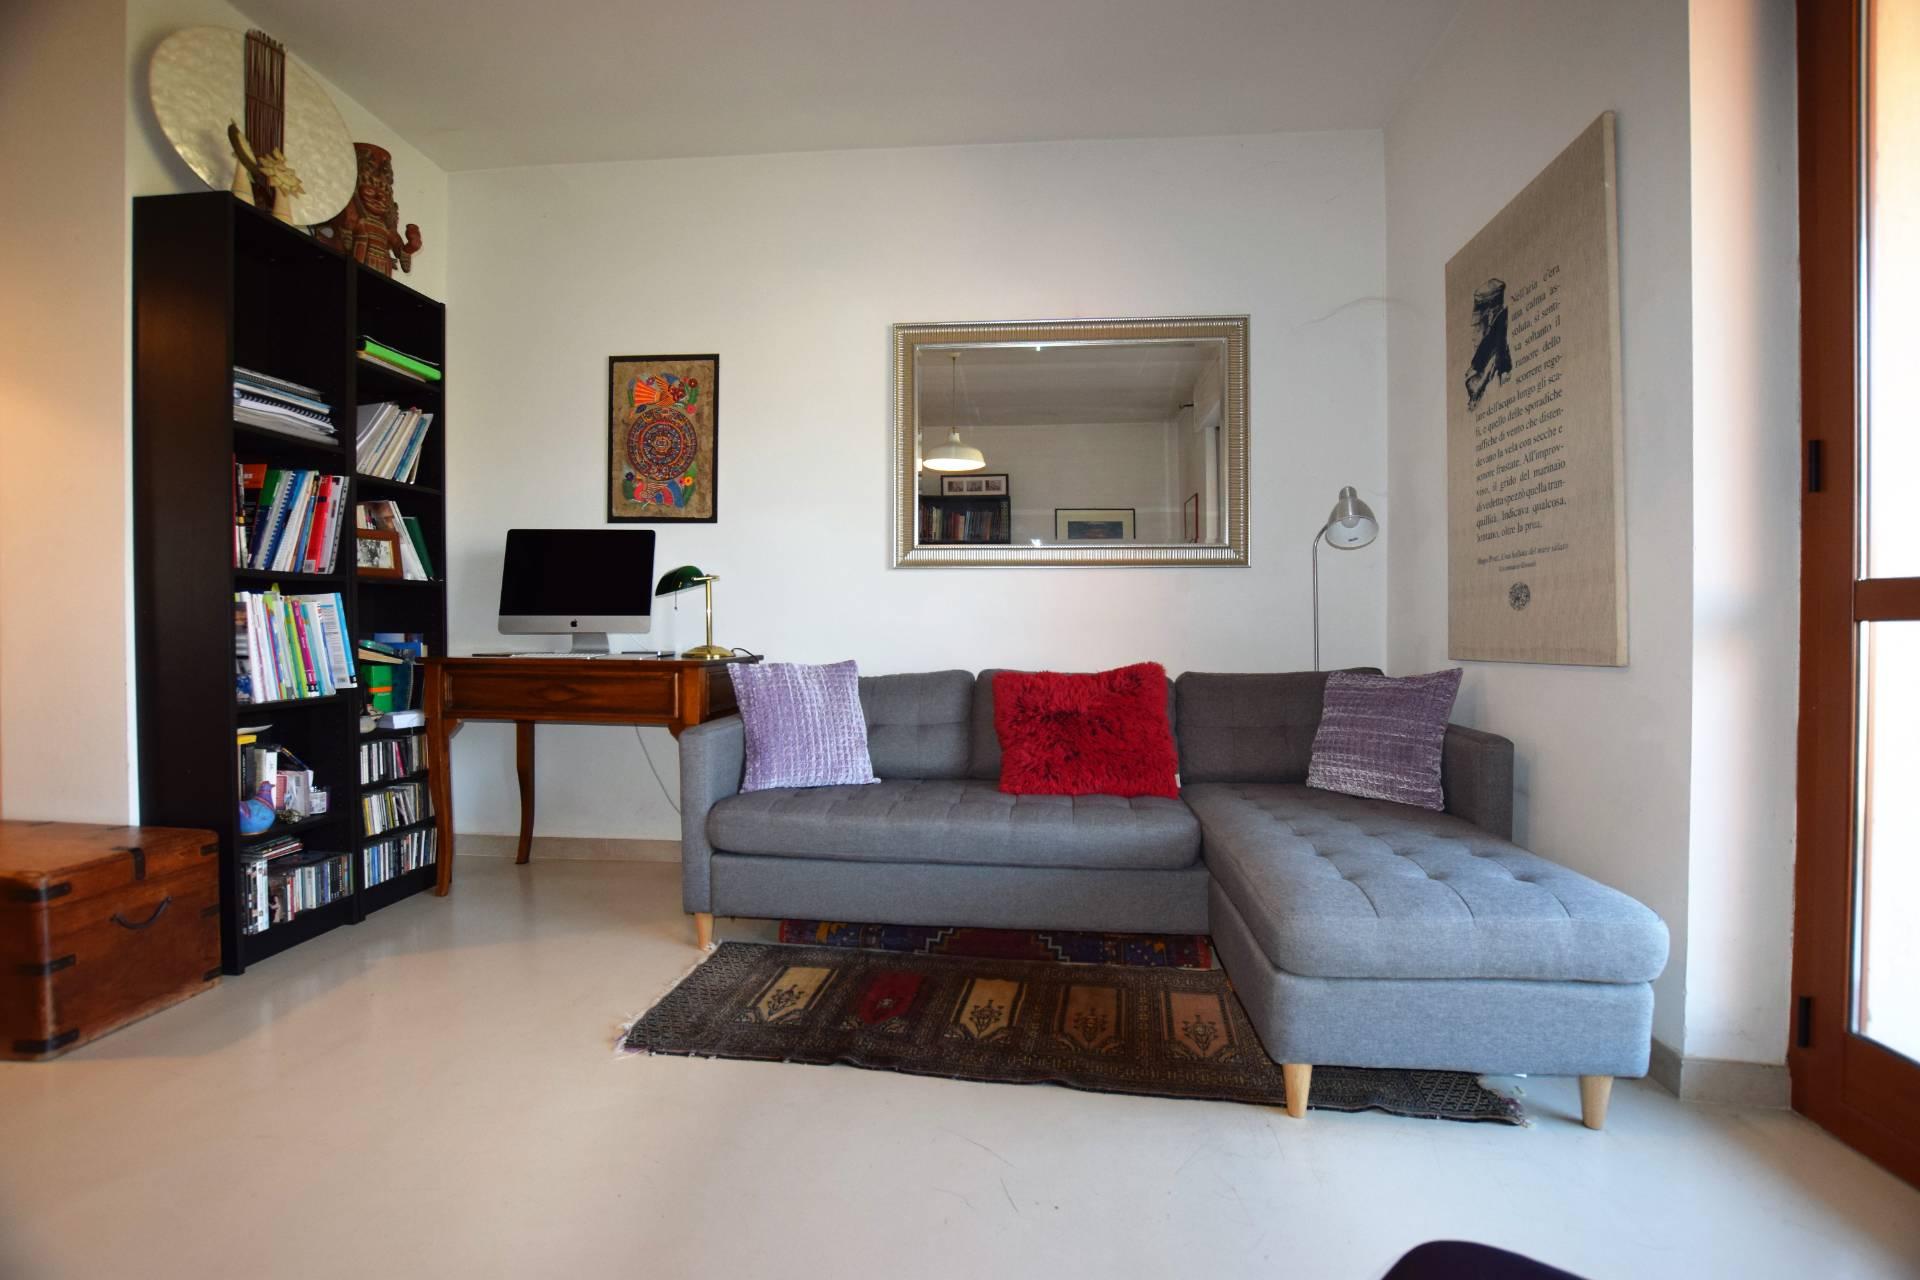 Appartamento in vendita a chieri cod v000352 for Affitto chieri arredato